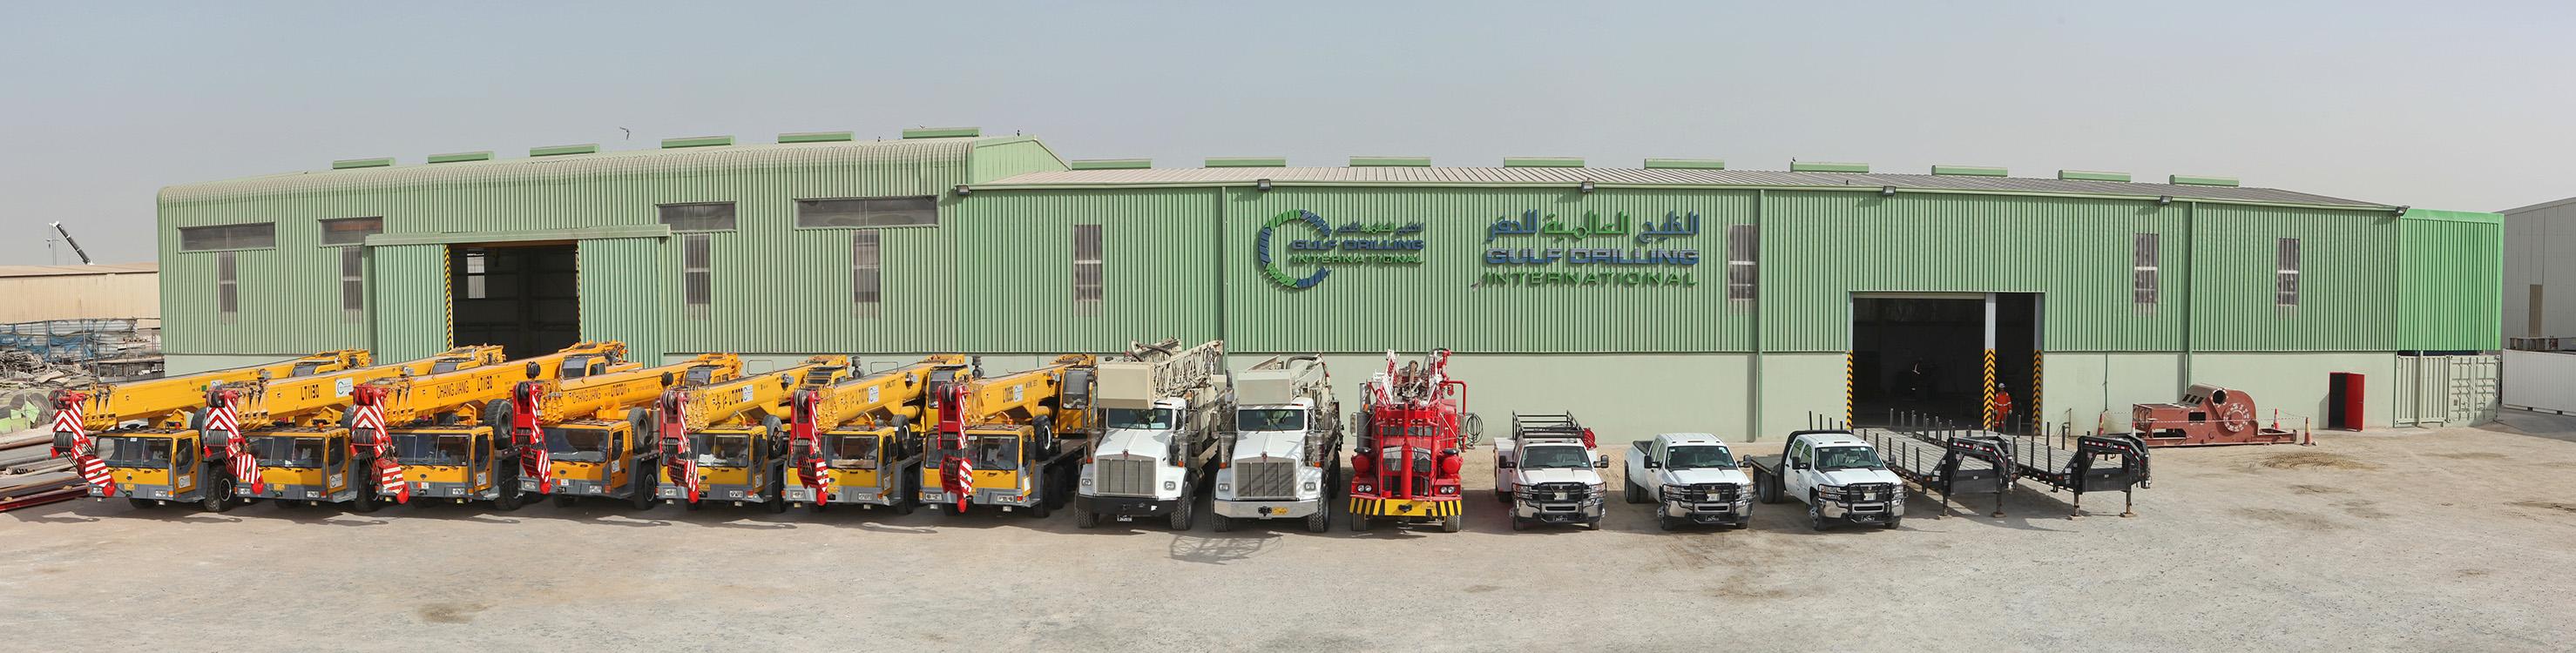 About us – Gulf Drilling International Limited (GDI)